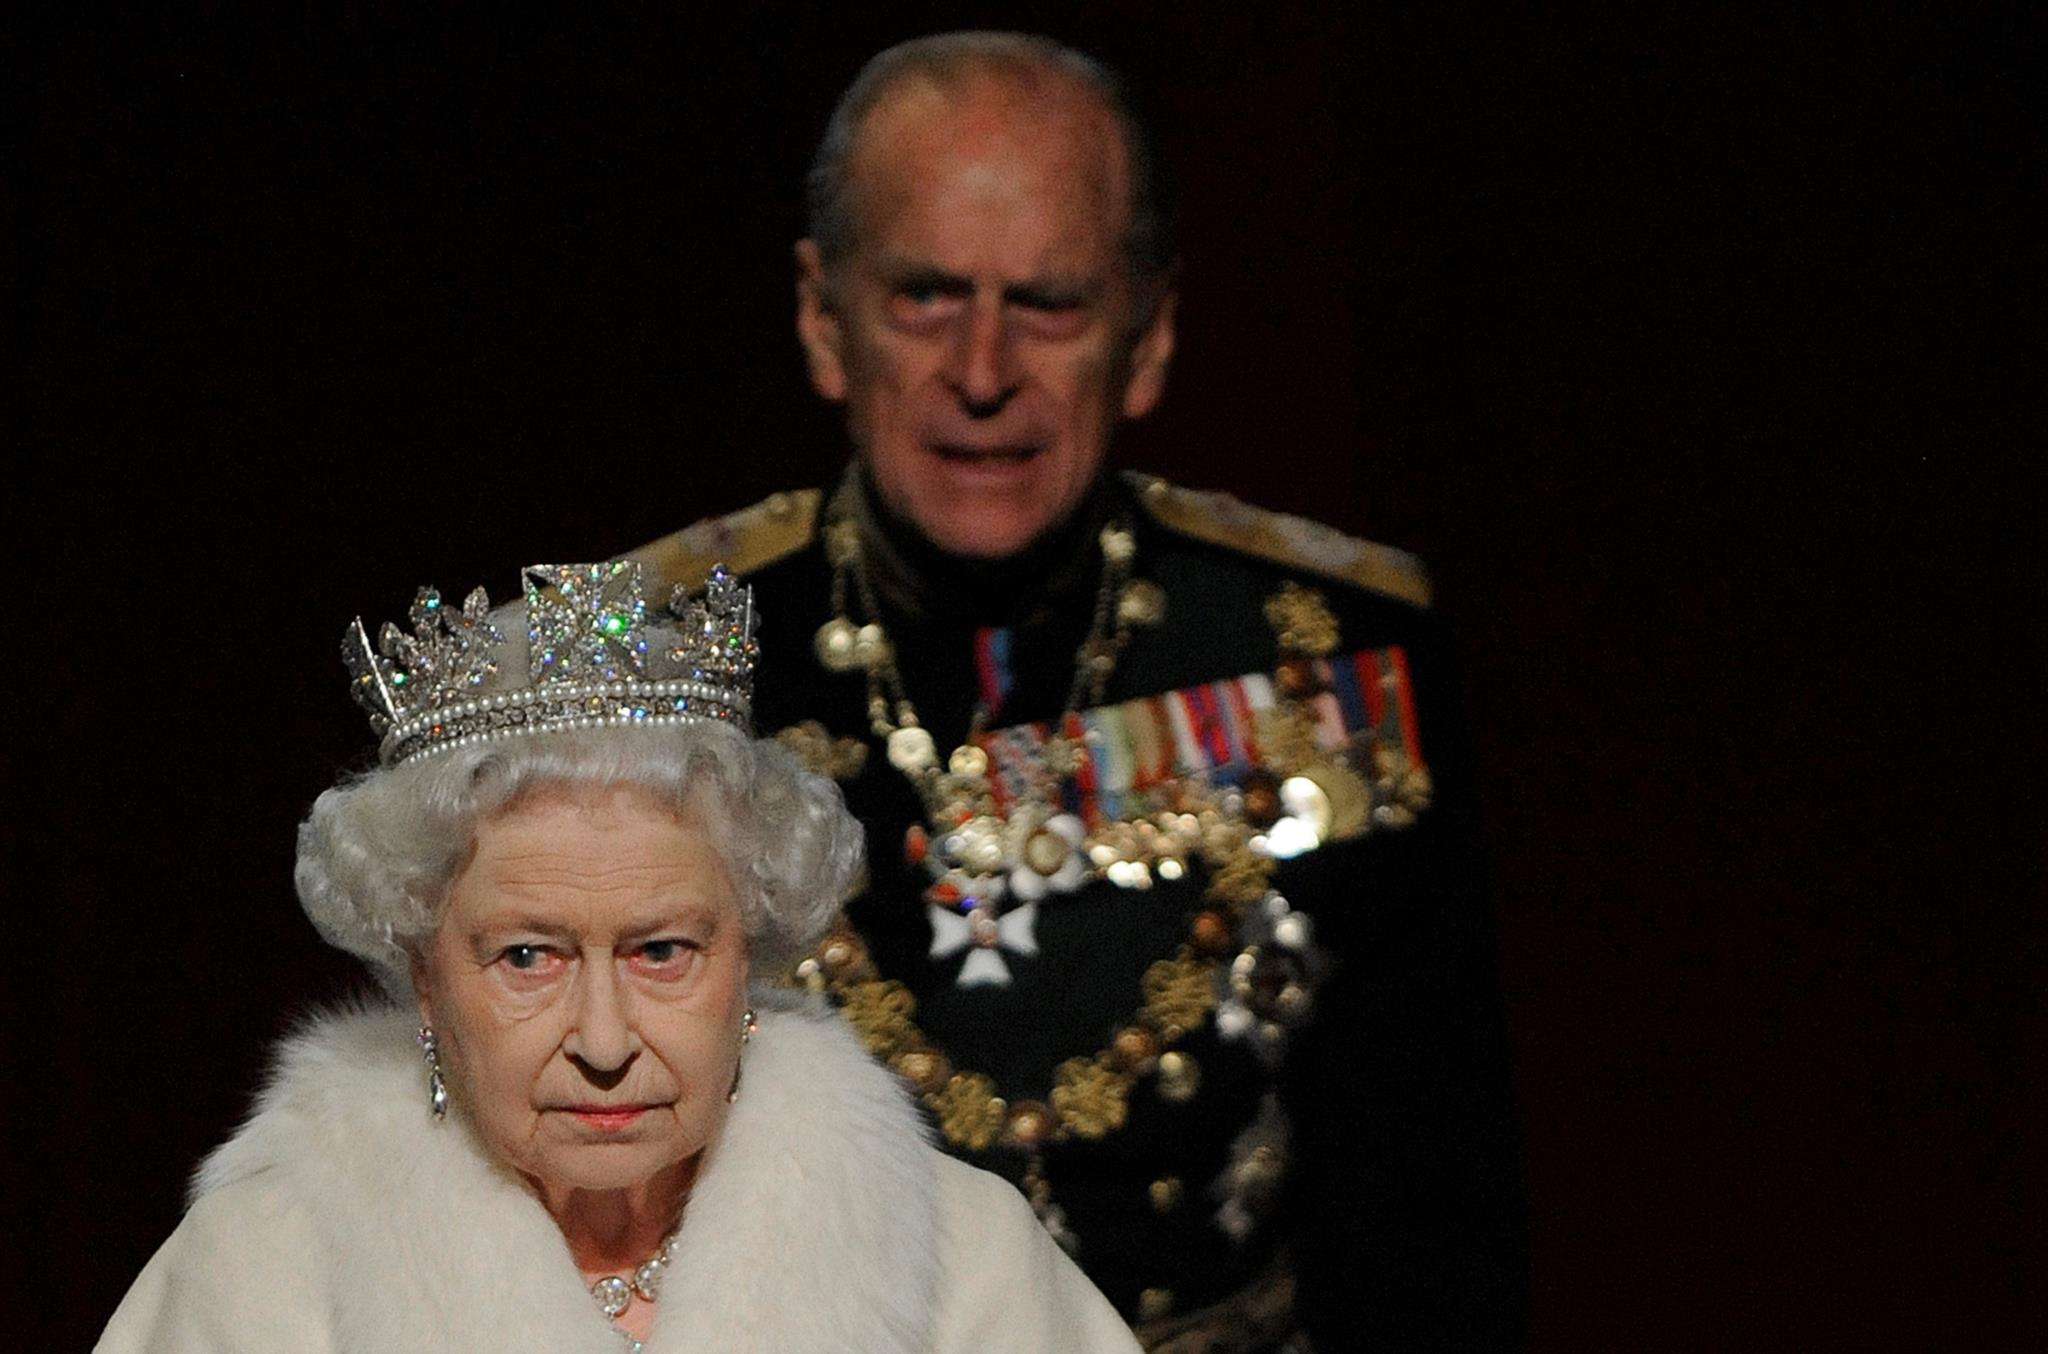 Com a Rainha, após a cerimónia de abertura do Parlamento em Novembro de 2009